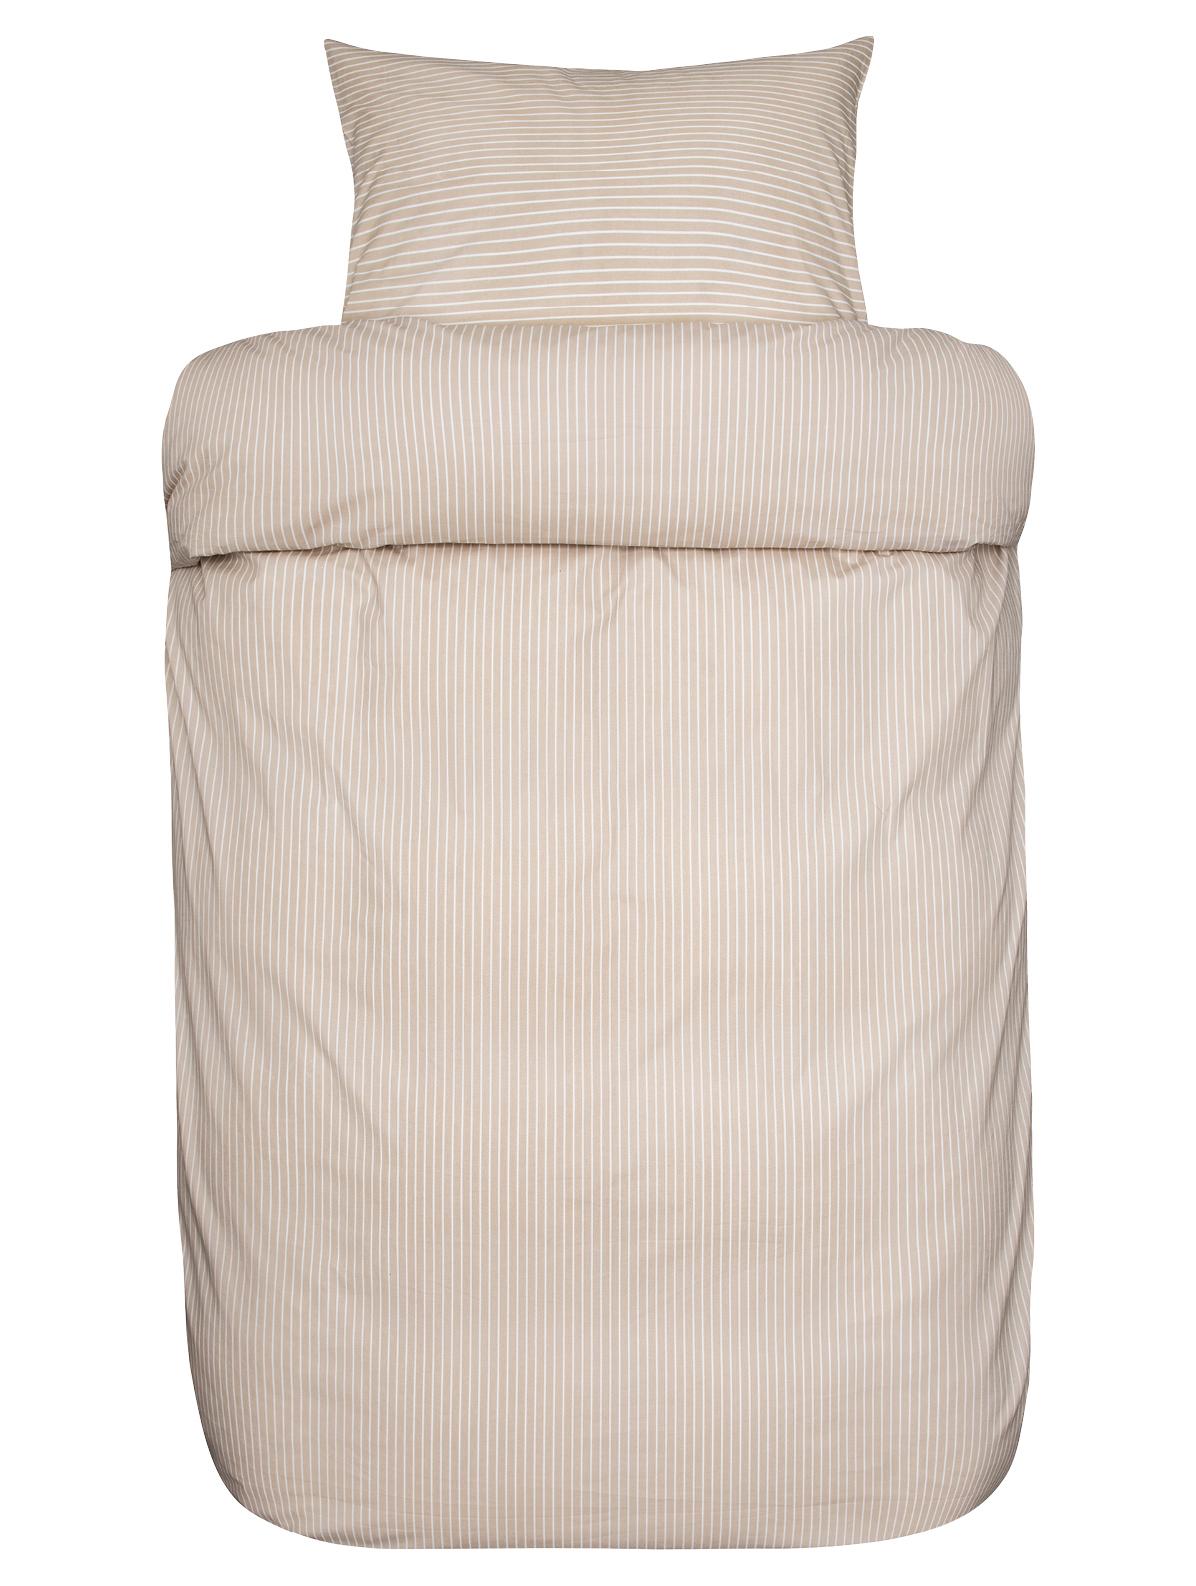 Høie Loke sengelinned, 140x220 cm, beige